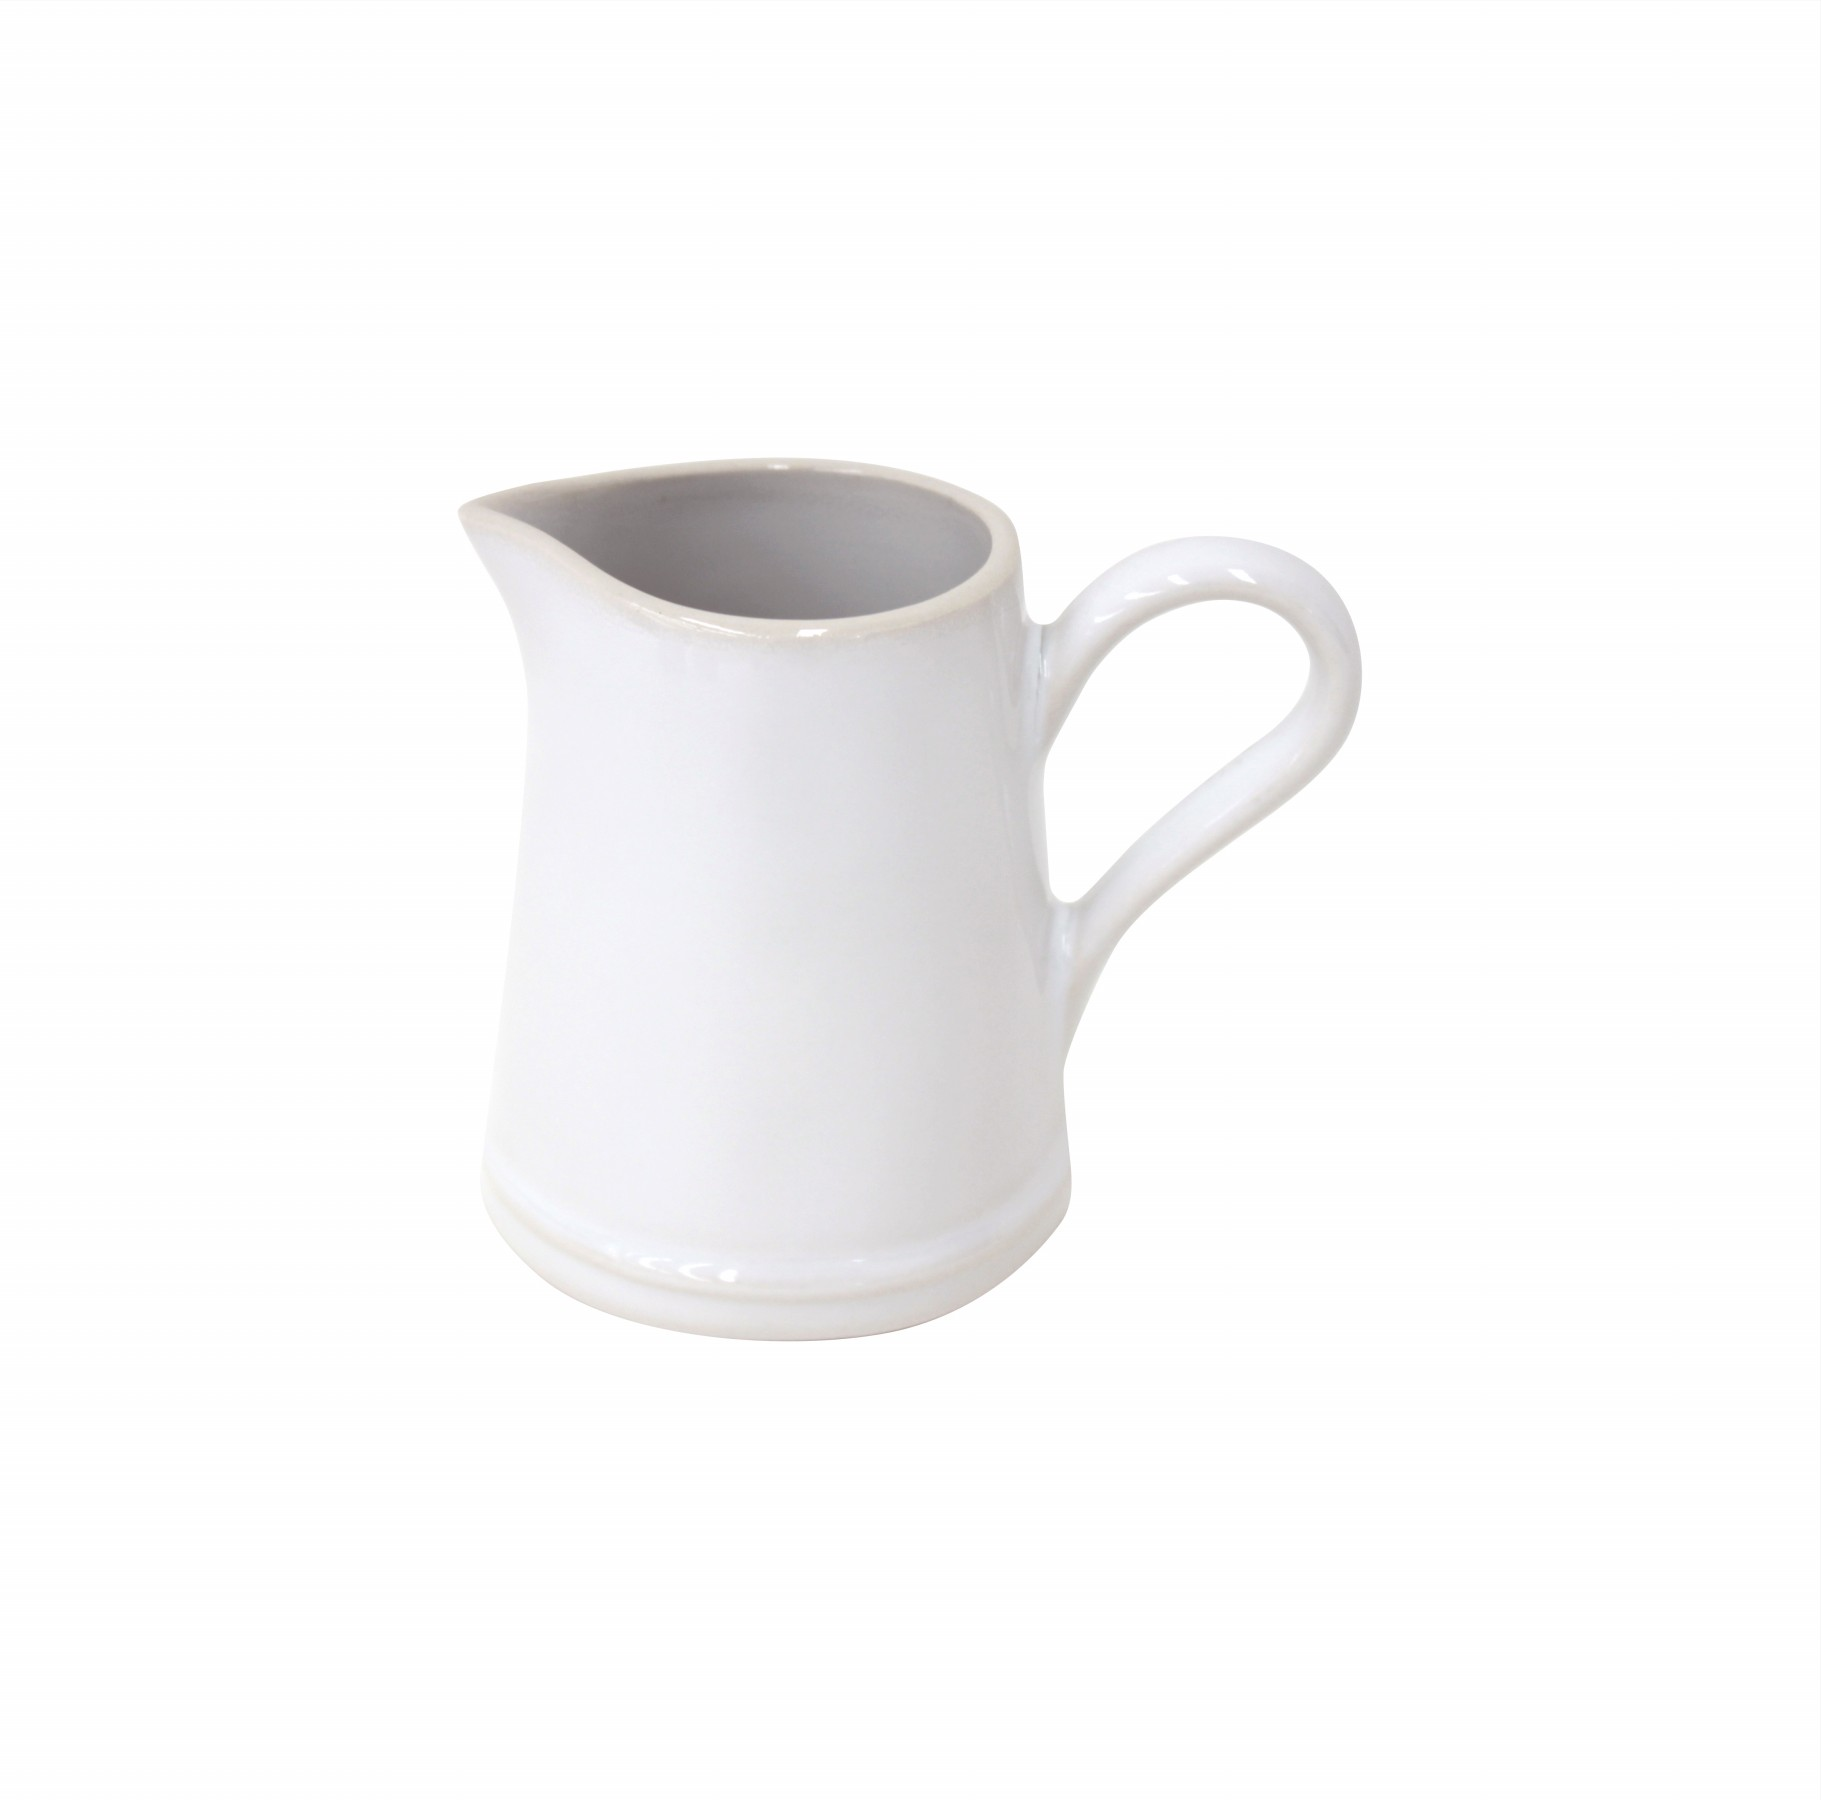 COSTA NOVA Konvička na mléko 0,19l Astoria bílá